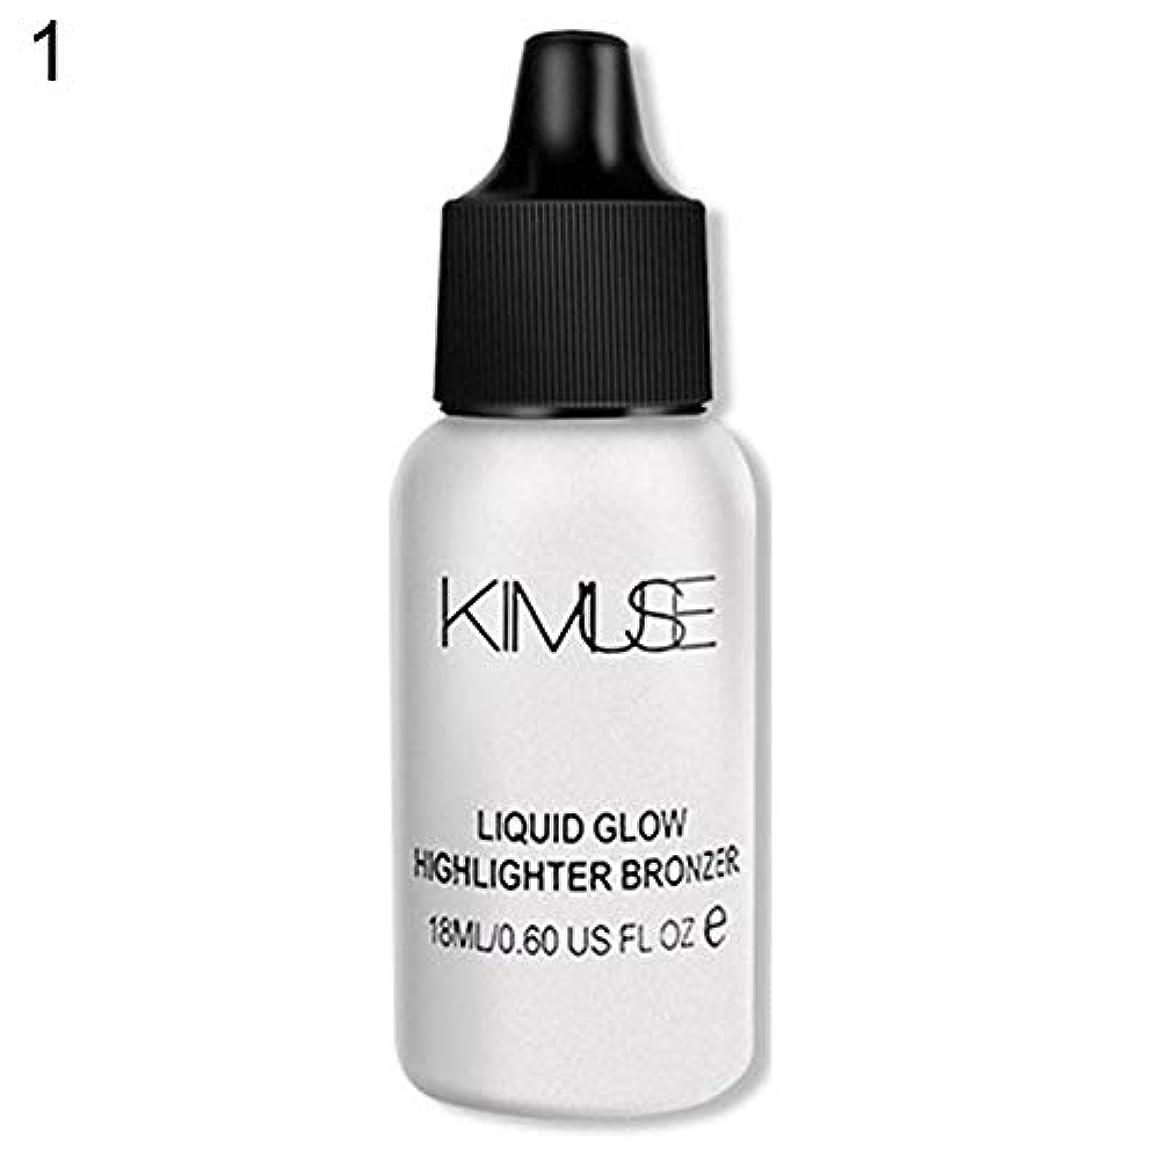 狭い滴下食い違い3D液体顔輪郭ファンデーション蛍光ペンオイルコントロールメイク - 1